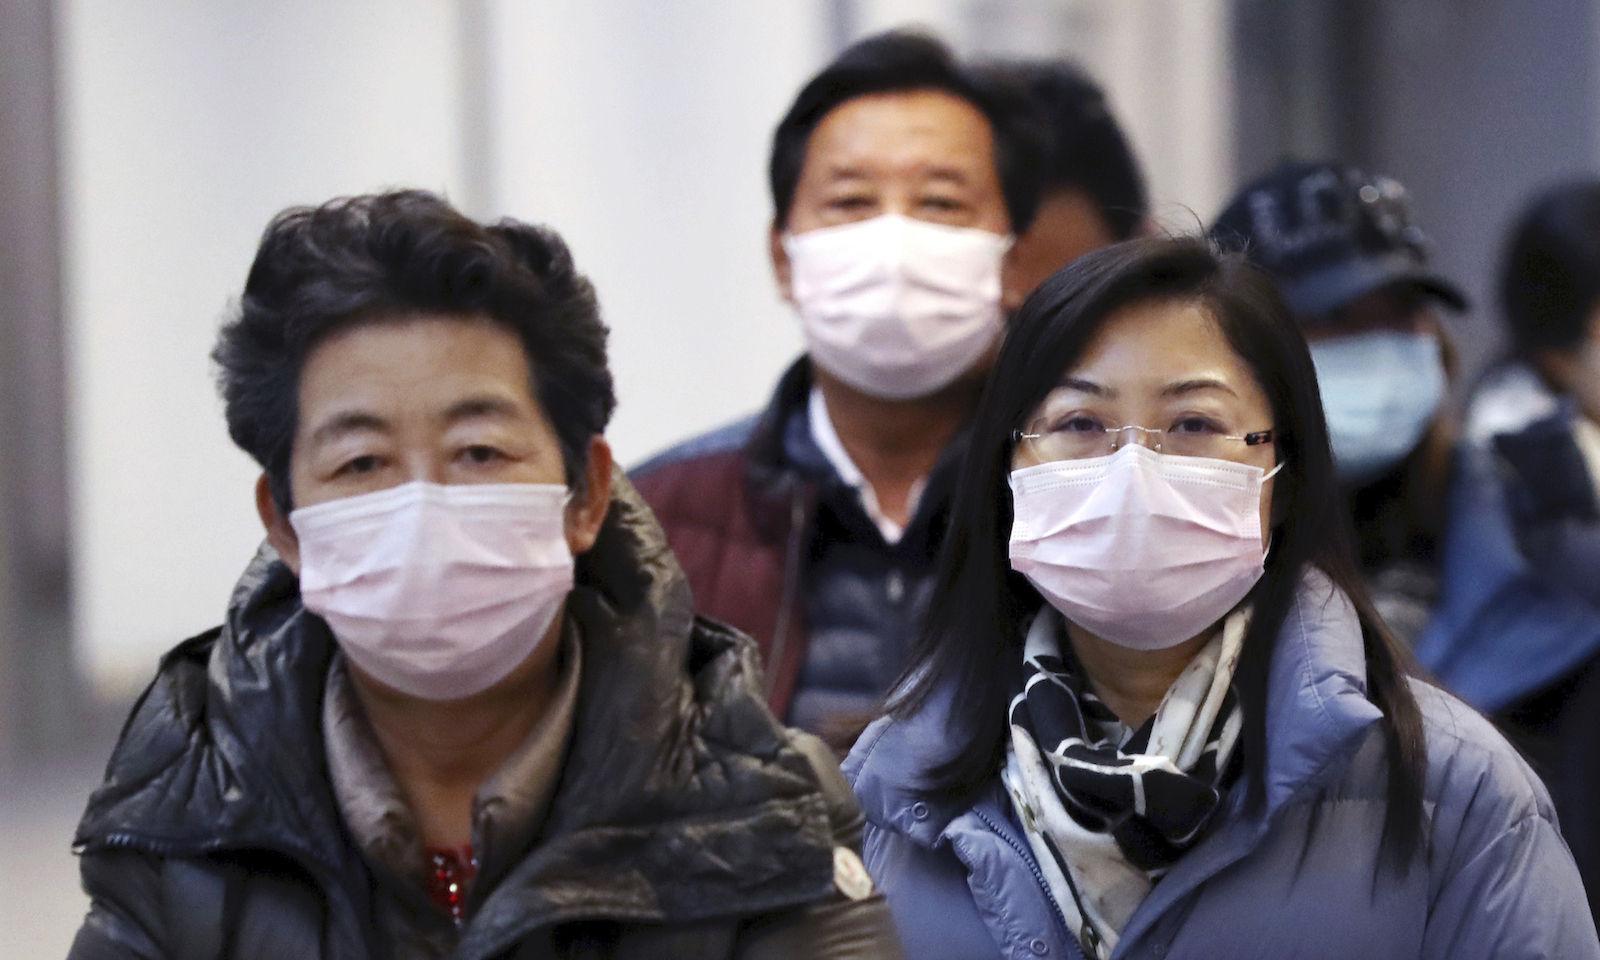 Европ тивд коронавирусийн анхны халдвар бүртгэгдлээ